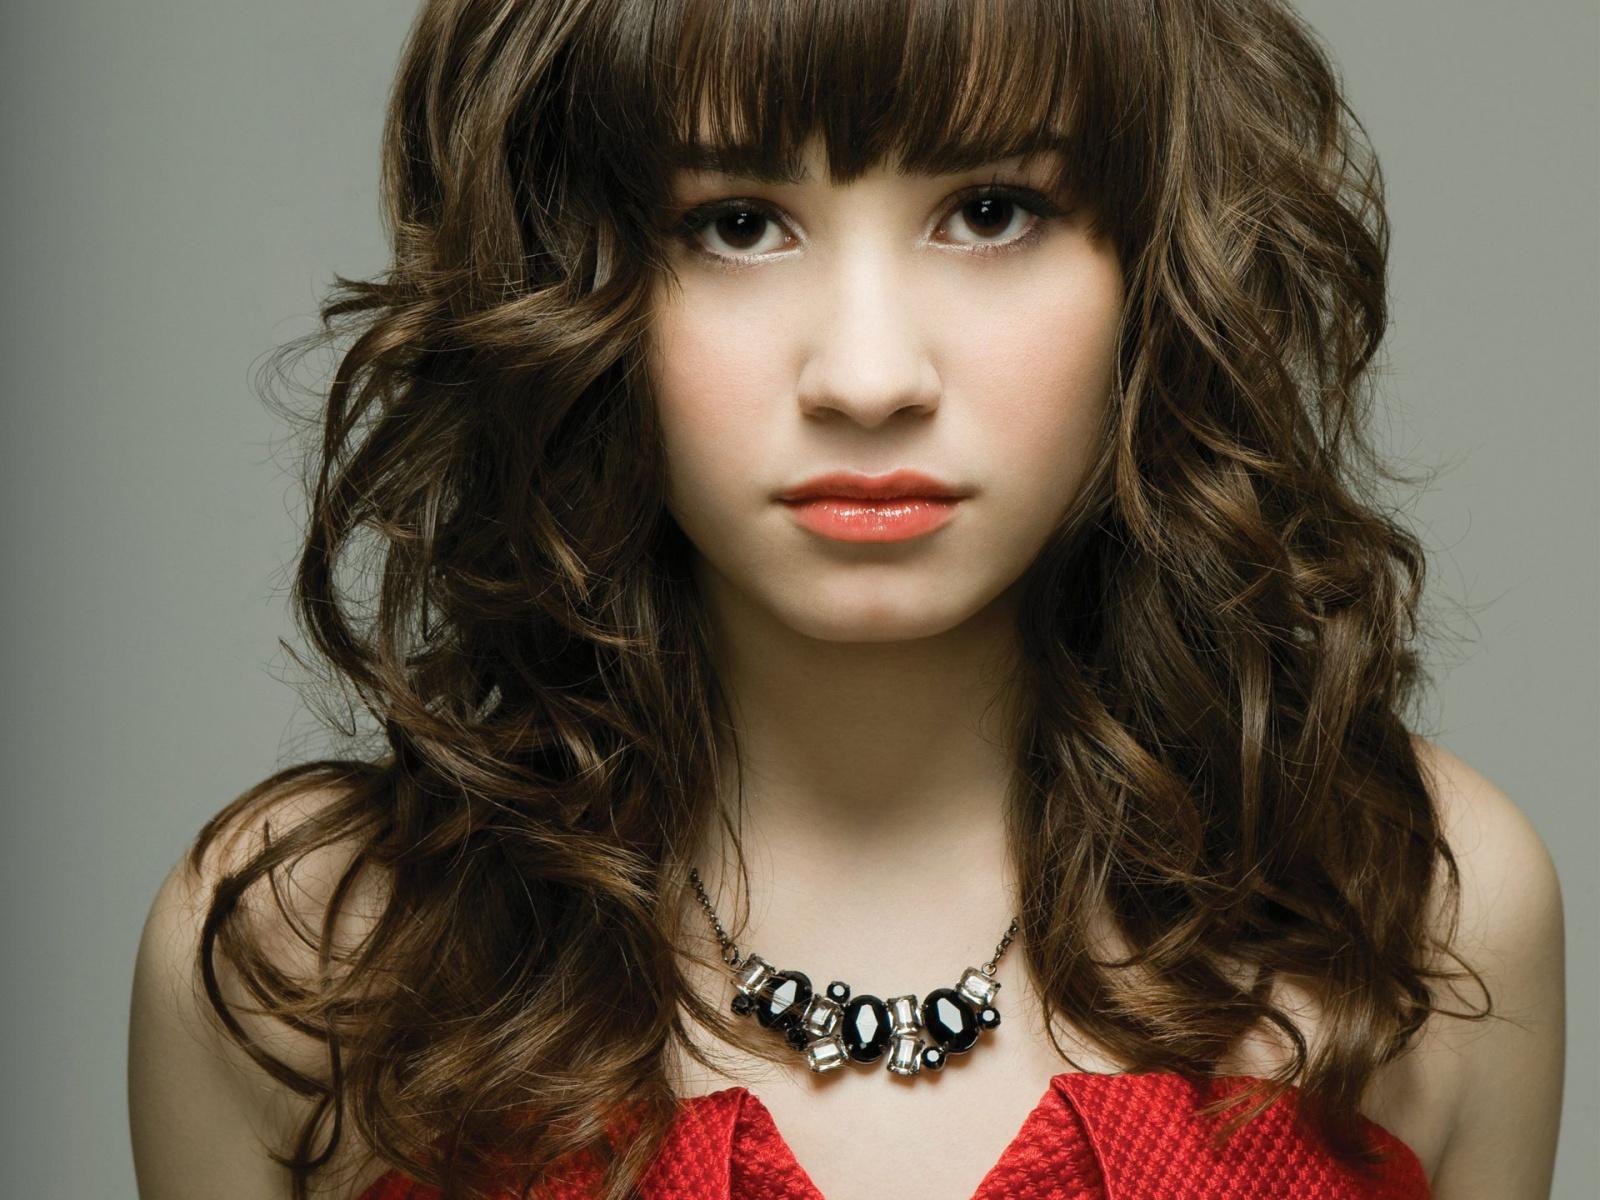 http://3.bp.blogspot.com/-D6XIDYjoXvg/T9nUup7O73I/AAAAAAAAA6A/7hw2DG6uTCM/s1600/Demi+Lovato+HD+Wallpapers+6.jpg